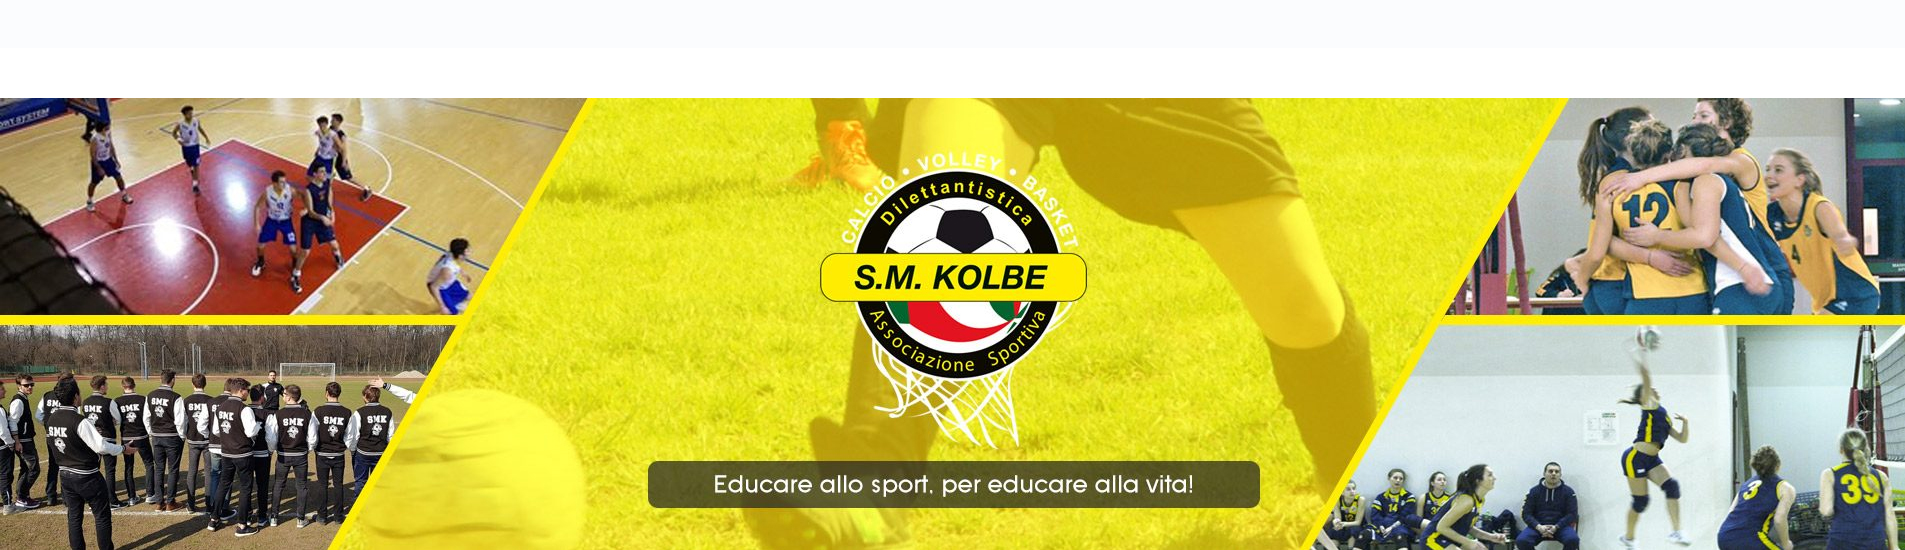 Calendario Playoff Volley.Sm Kolbe Sm Kolbe